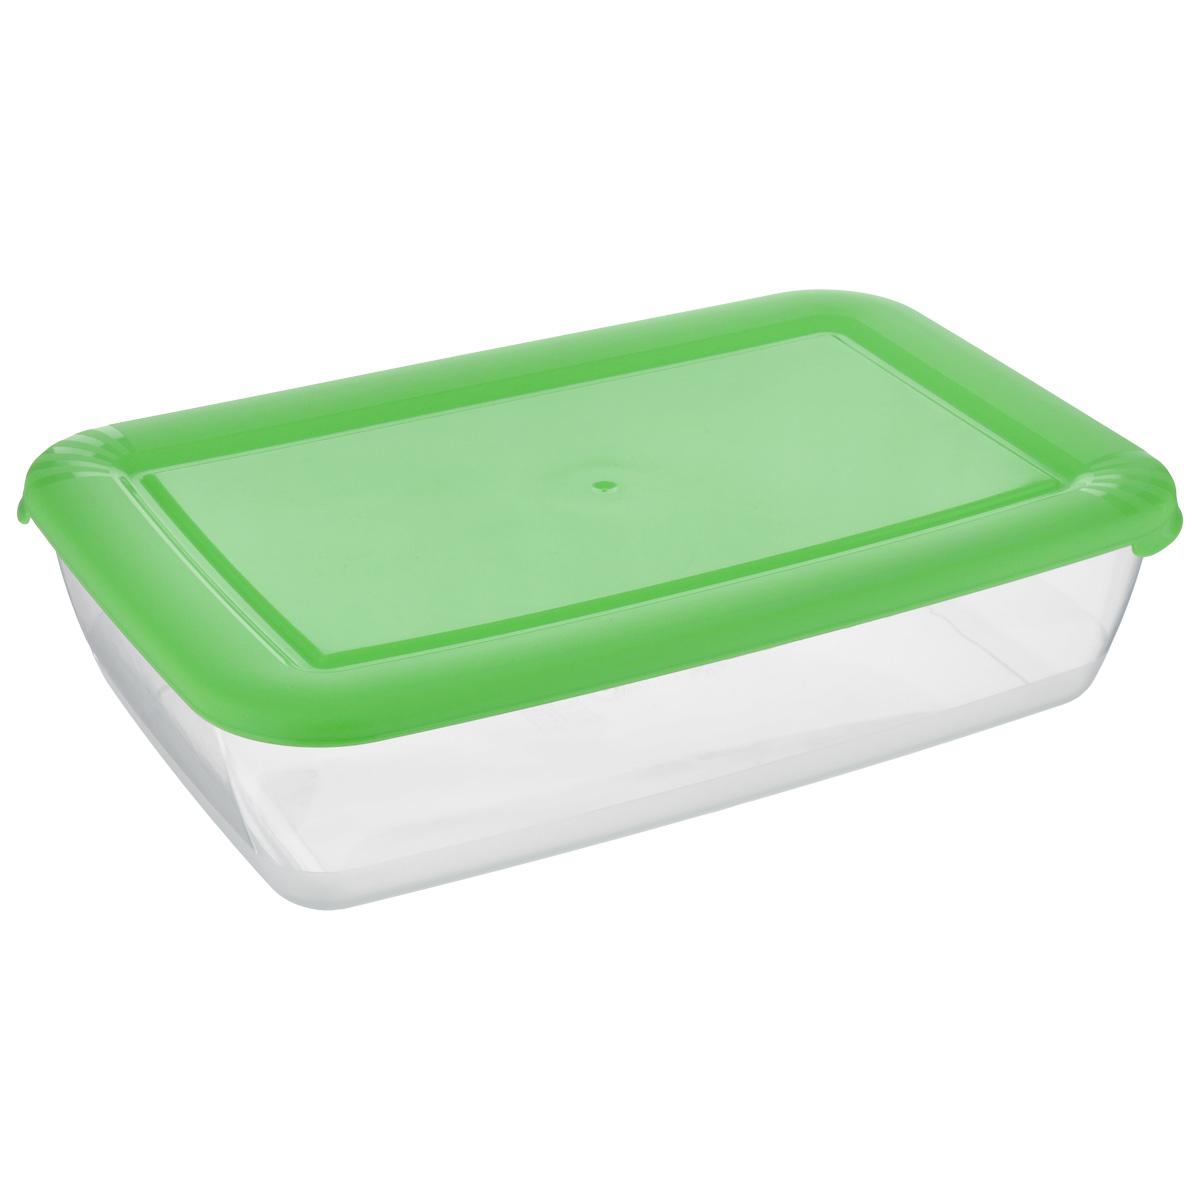 Контейнер Полимербыт Лайт, цвет: салатовый, 3 лС554_салатовыйКонтейнер Лайт изготовлен из высококачественногопищевого прозрачного пластика и оснащен крышкой.Подходит для использования в микроволновой печи без крышки (до +120°С), длязаморозки при минимальной температуре -40°С. Можно мыть в посудомоечноймашине.